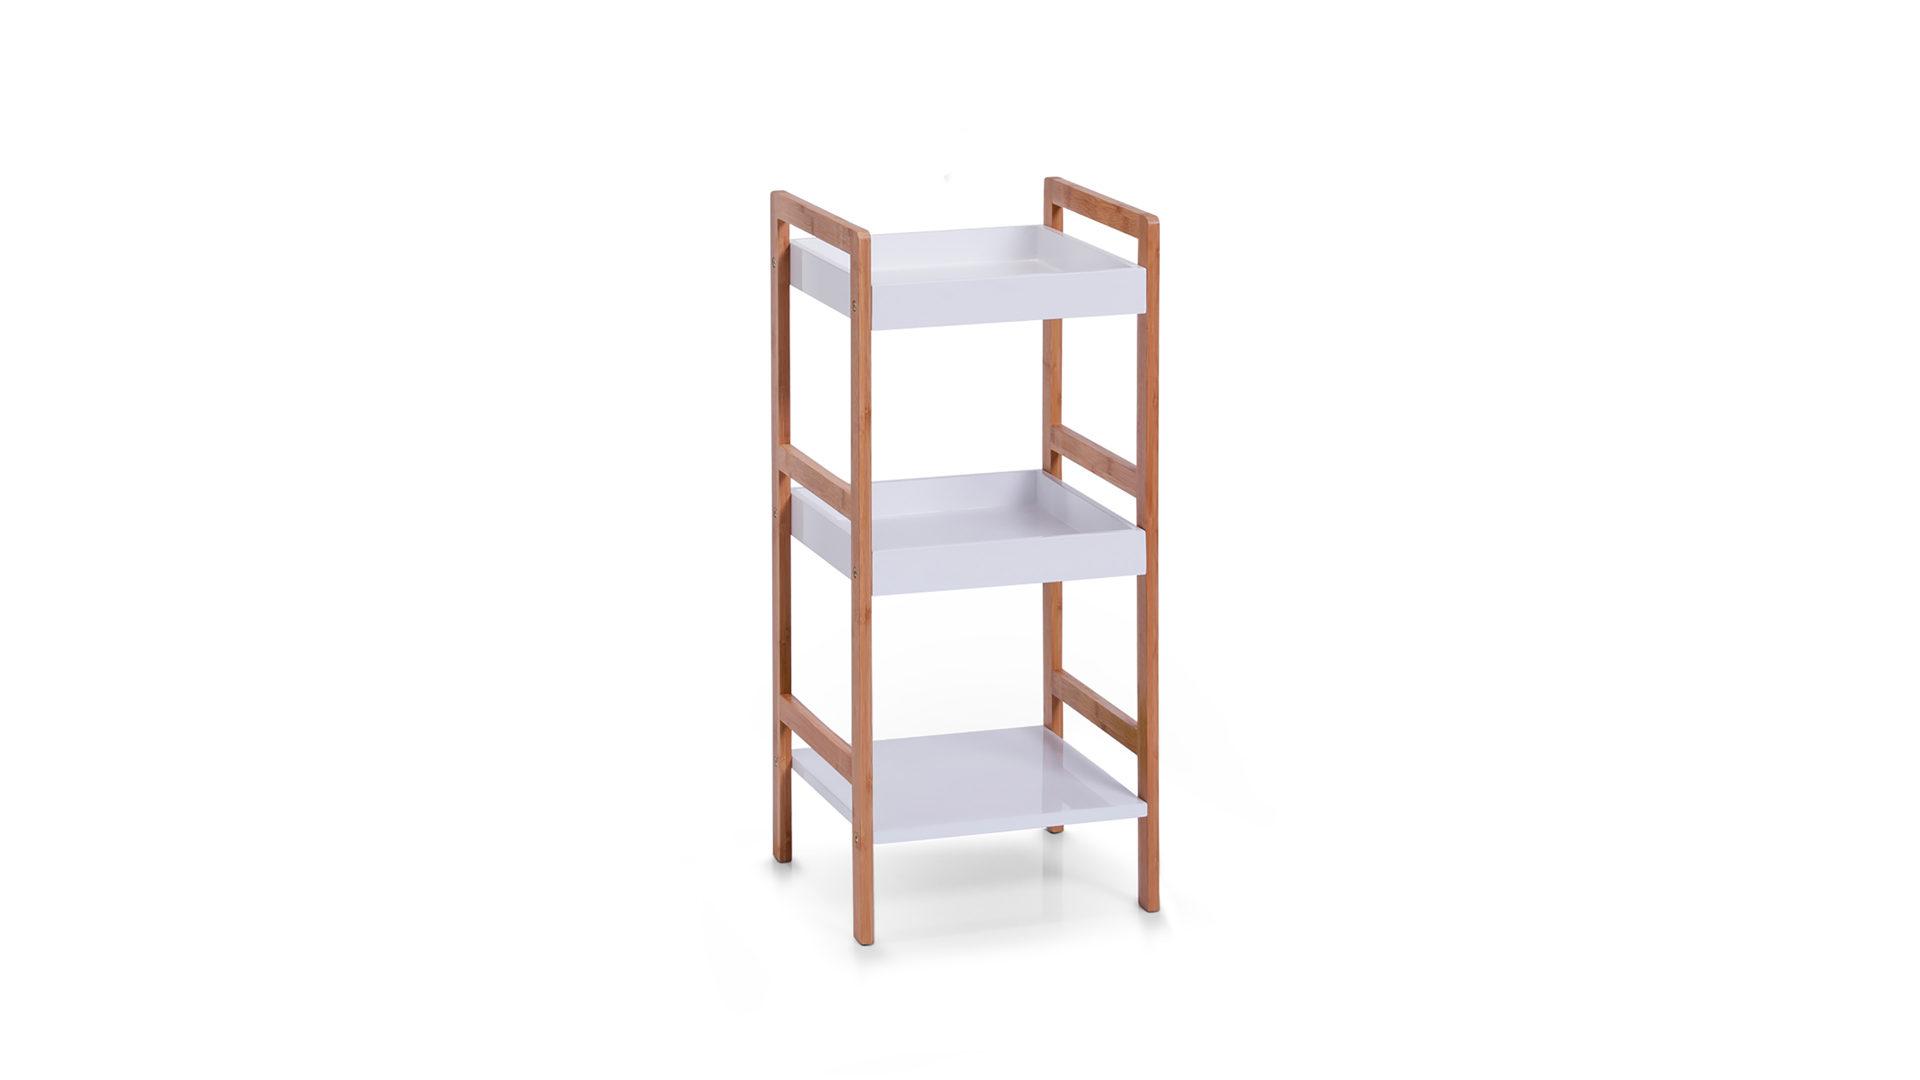 Standregal bzw. Badregal für Ihre Badeinrichtung, weiße & bambusfarbene  Oberflächen - drei Böden, Höhe ca. 80 cm